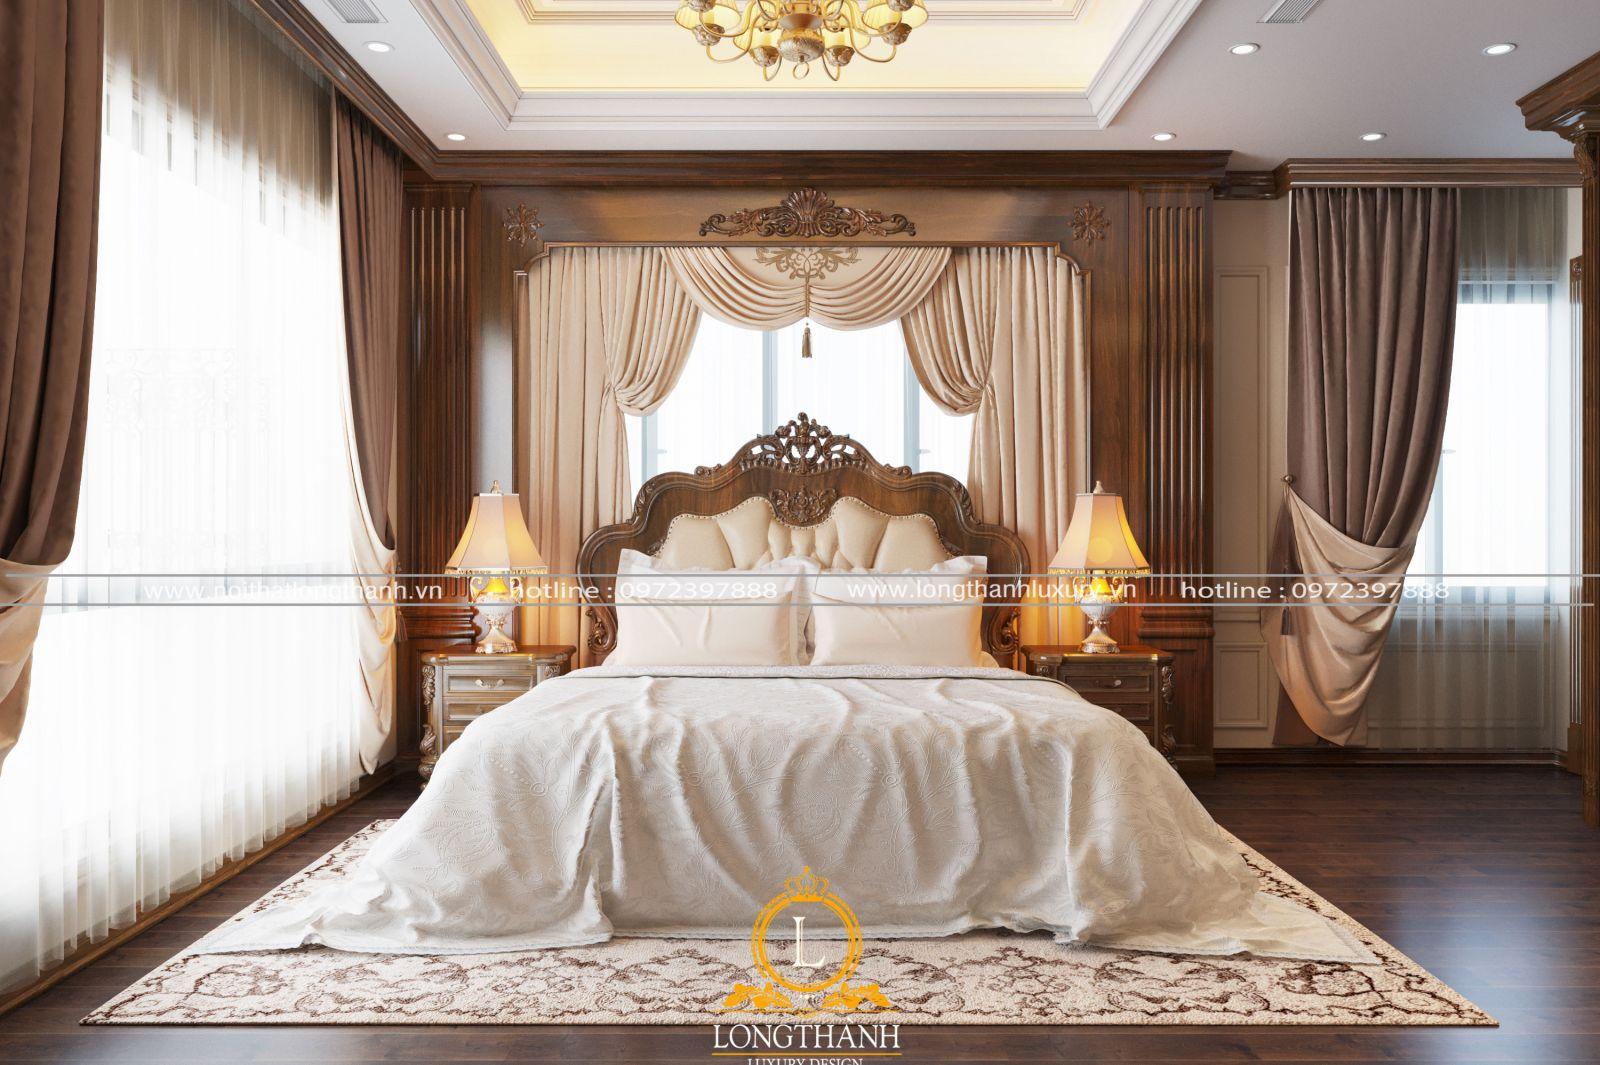 Phòng ngủ nhỏ nên ưa tiên lựa chọn phong cách nhẹ nhàng, đơn giản